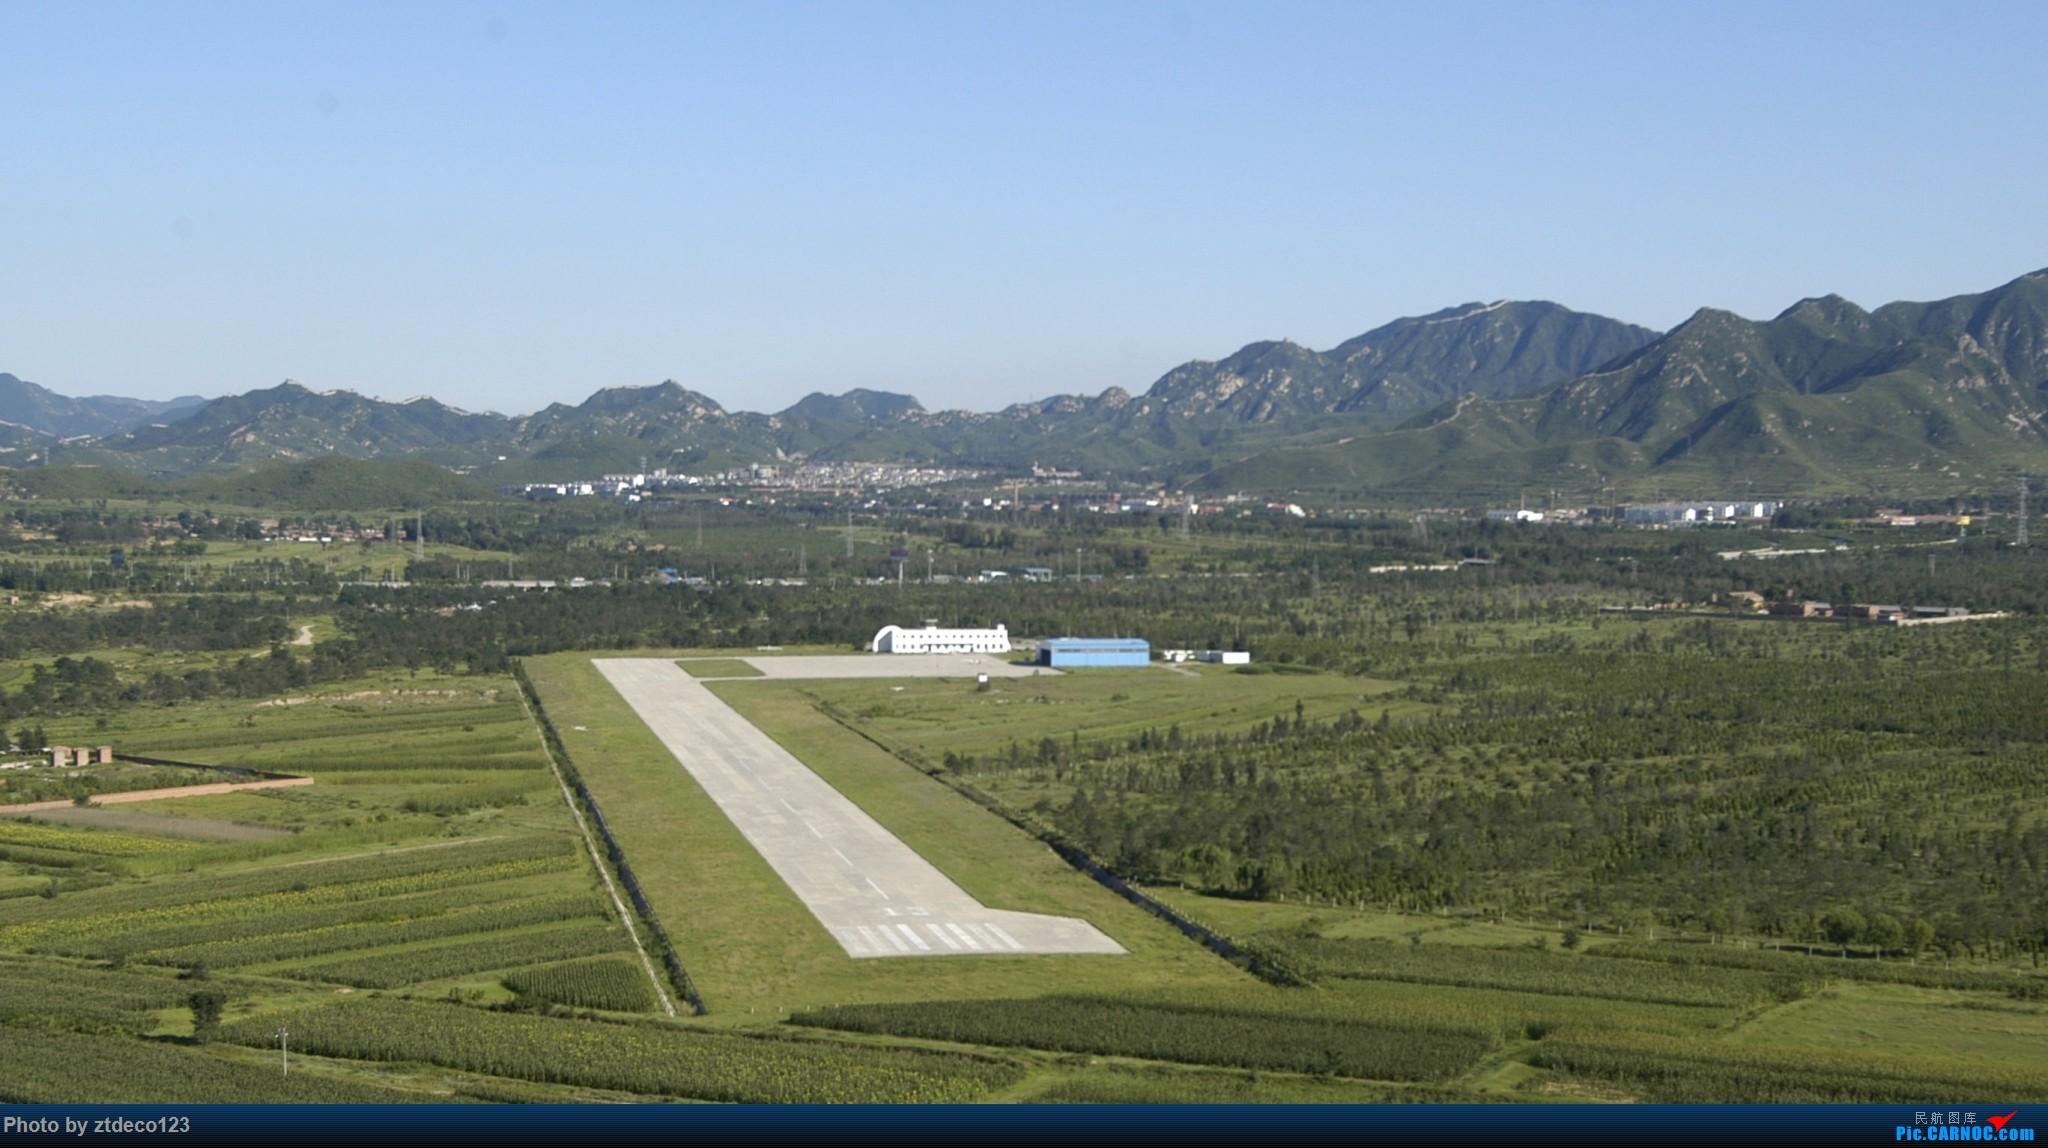 [讨论]他们说这是八达岭机场,骗谁呢?    中国北京八达岭机场